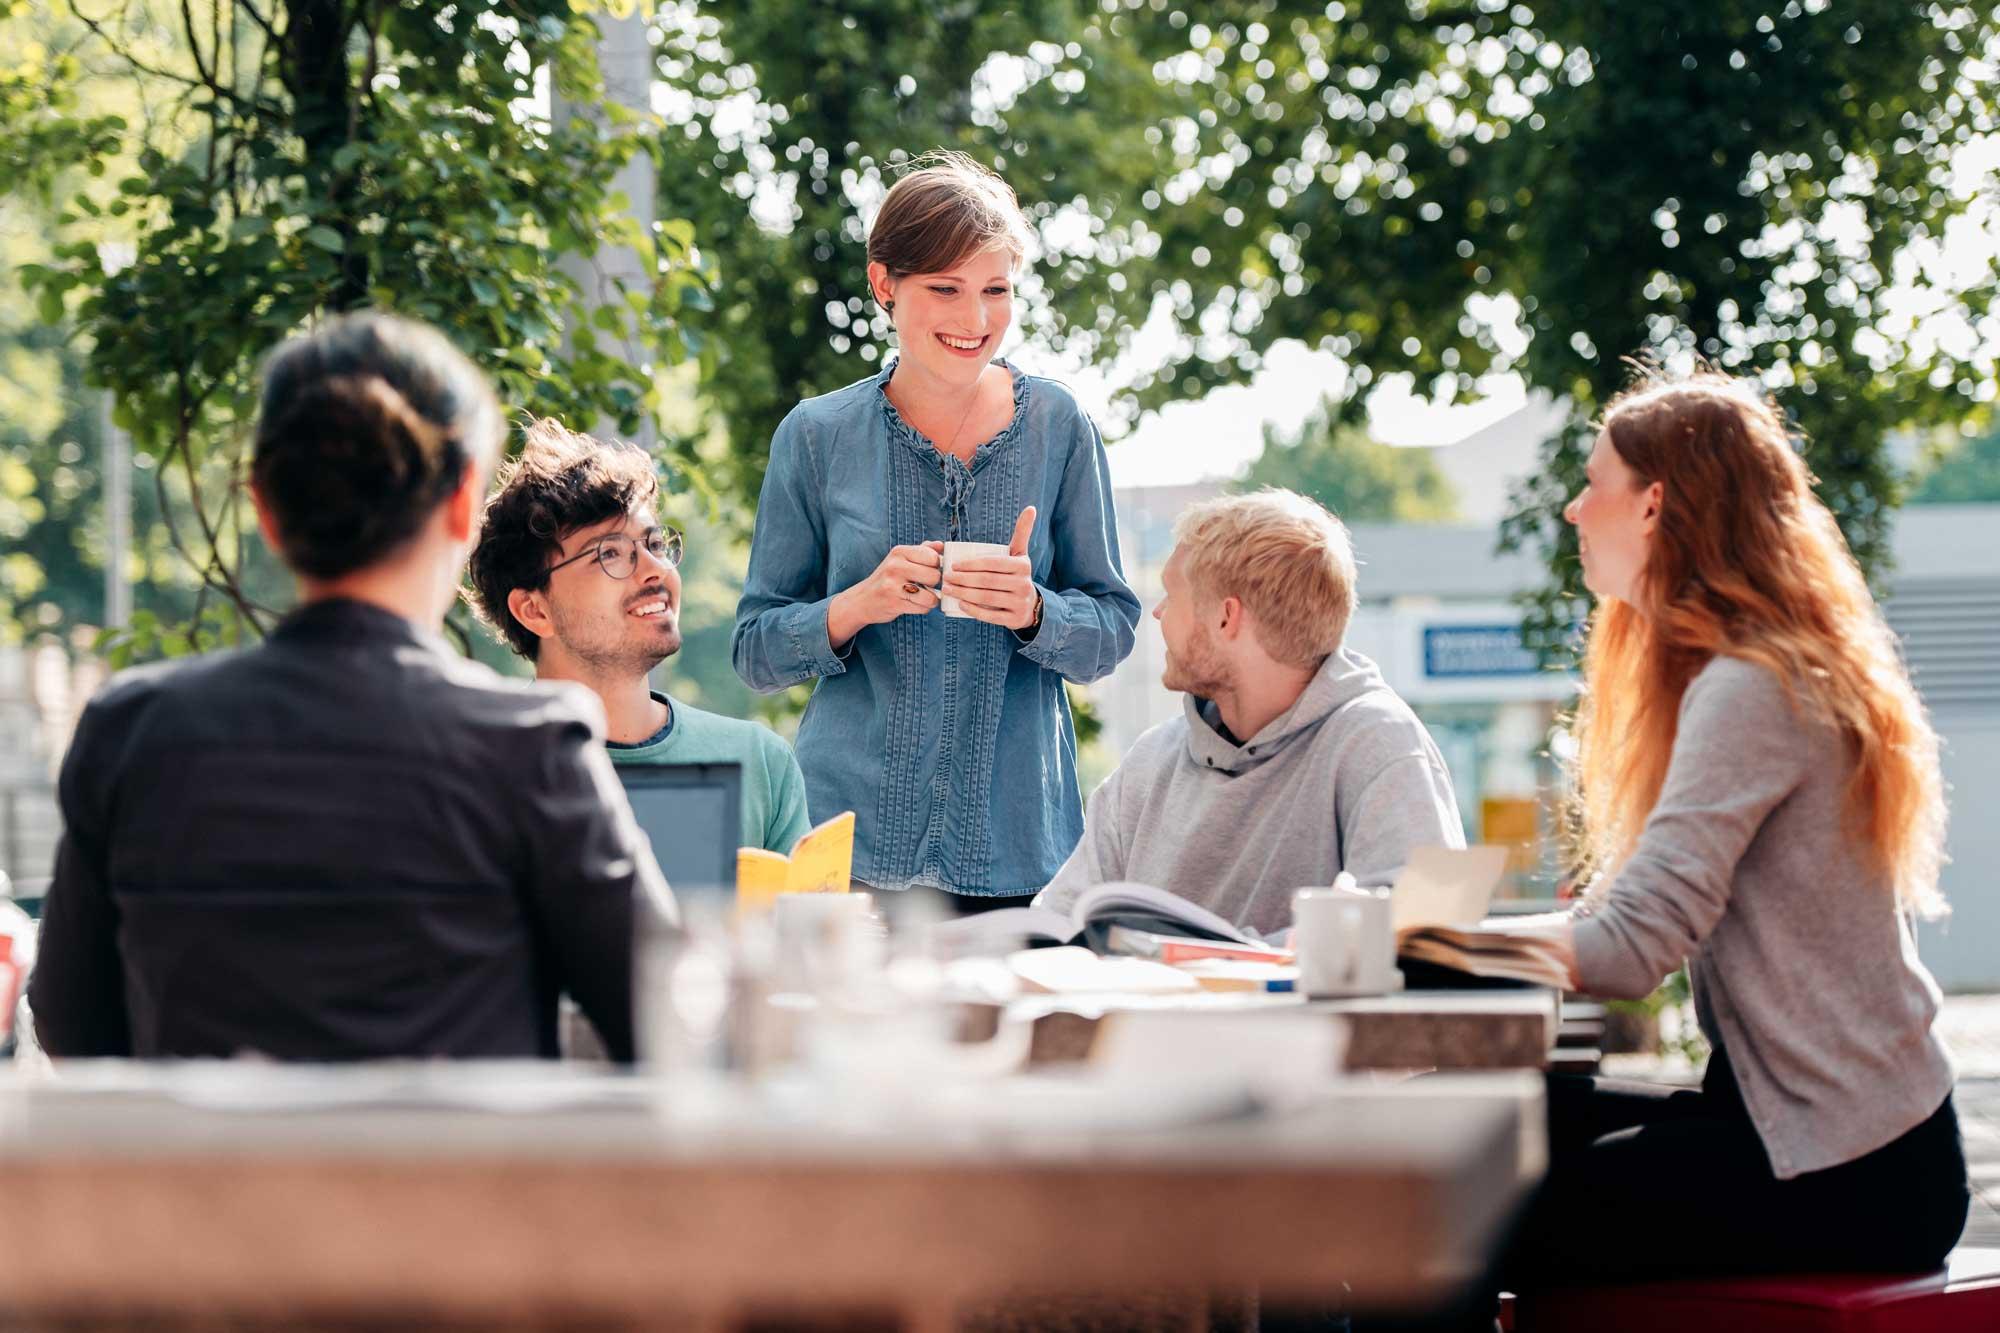 Sommerliche Situation im Freien –4 Studenten sitzen am Tisch, eine lächelnde Frau steht, mit einer Tasse Kaffe in der Hand und lächelnd, hinter dem Tisch. DIe Blicke sind auf sie gerichtet.